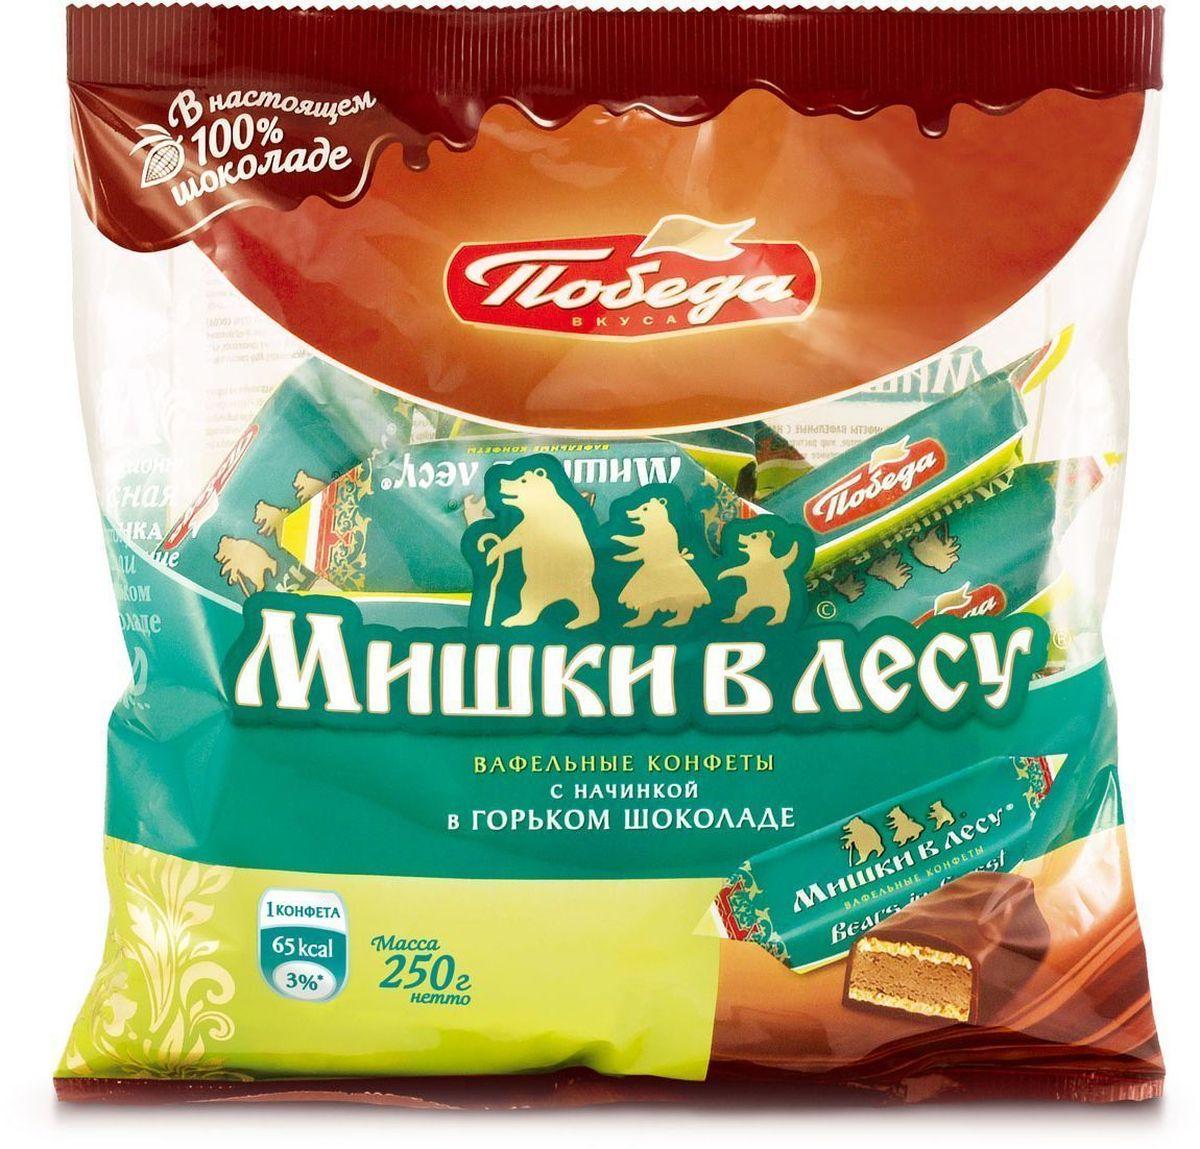 Победа вкуса Мишки в лесу вафельные конфеты с начинкой в горьком шоколаде (72%), 250 г победа вкуса все и сразу цитрус жевательный мармелад и конфеты желейные с начинкой 250 г